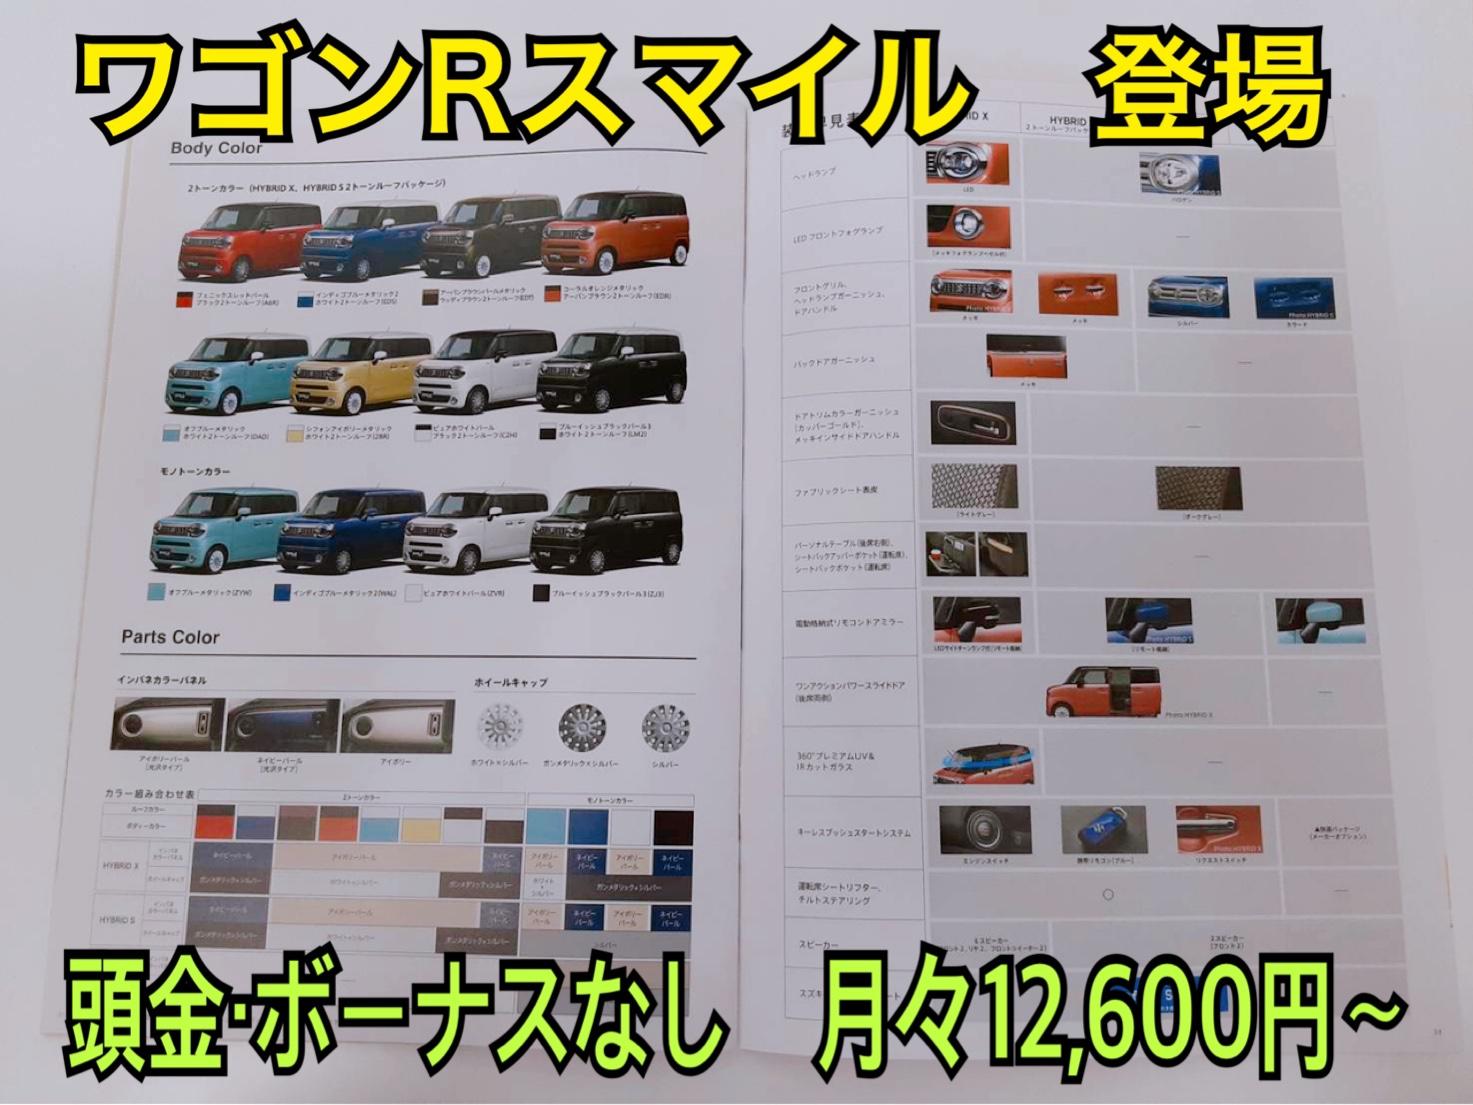 岡山市でワゴンRスマイルを安く買うならコバックにお任せ!!